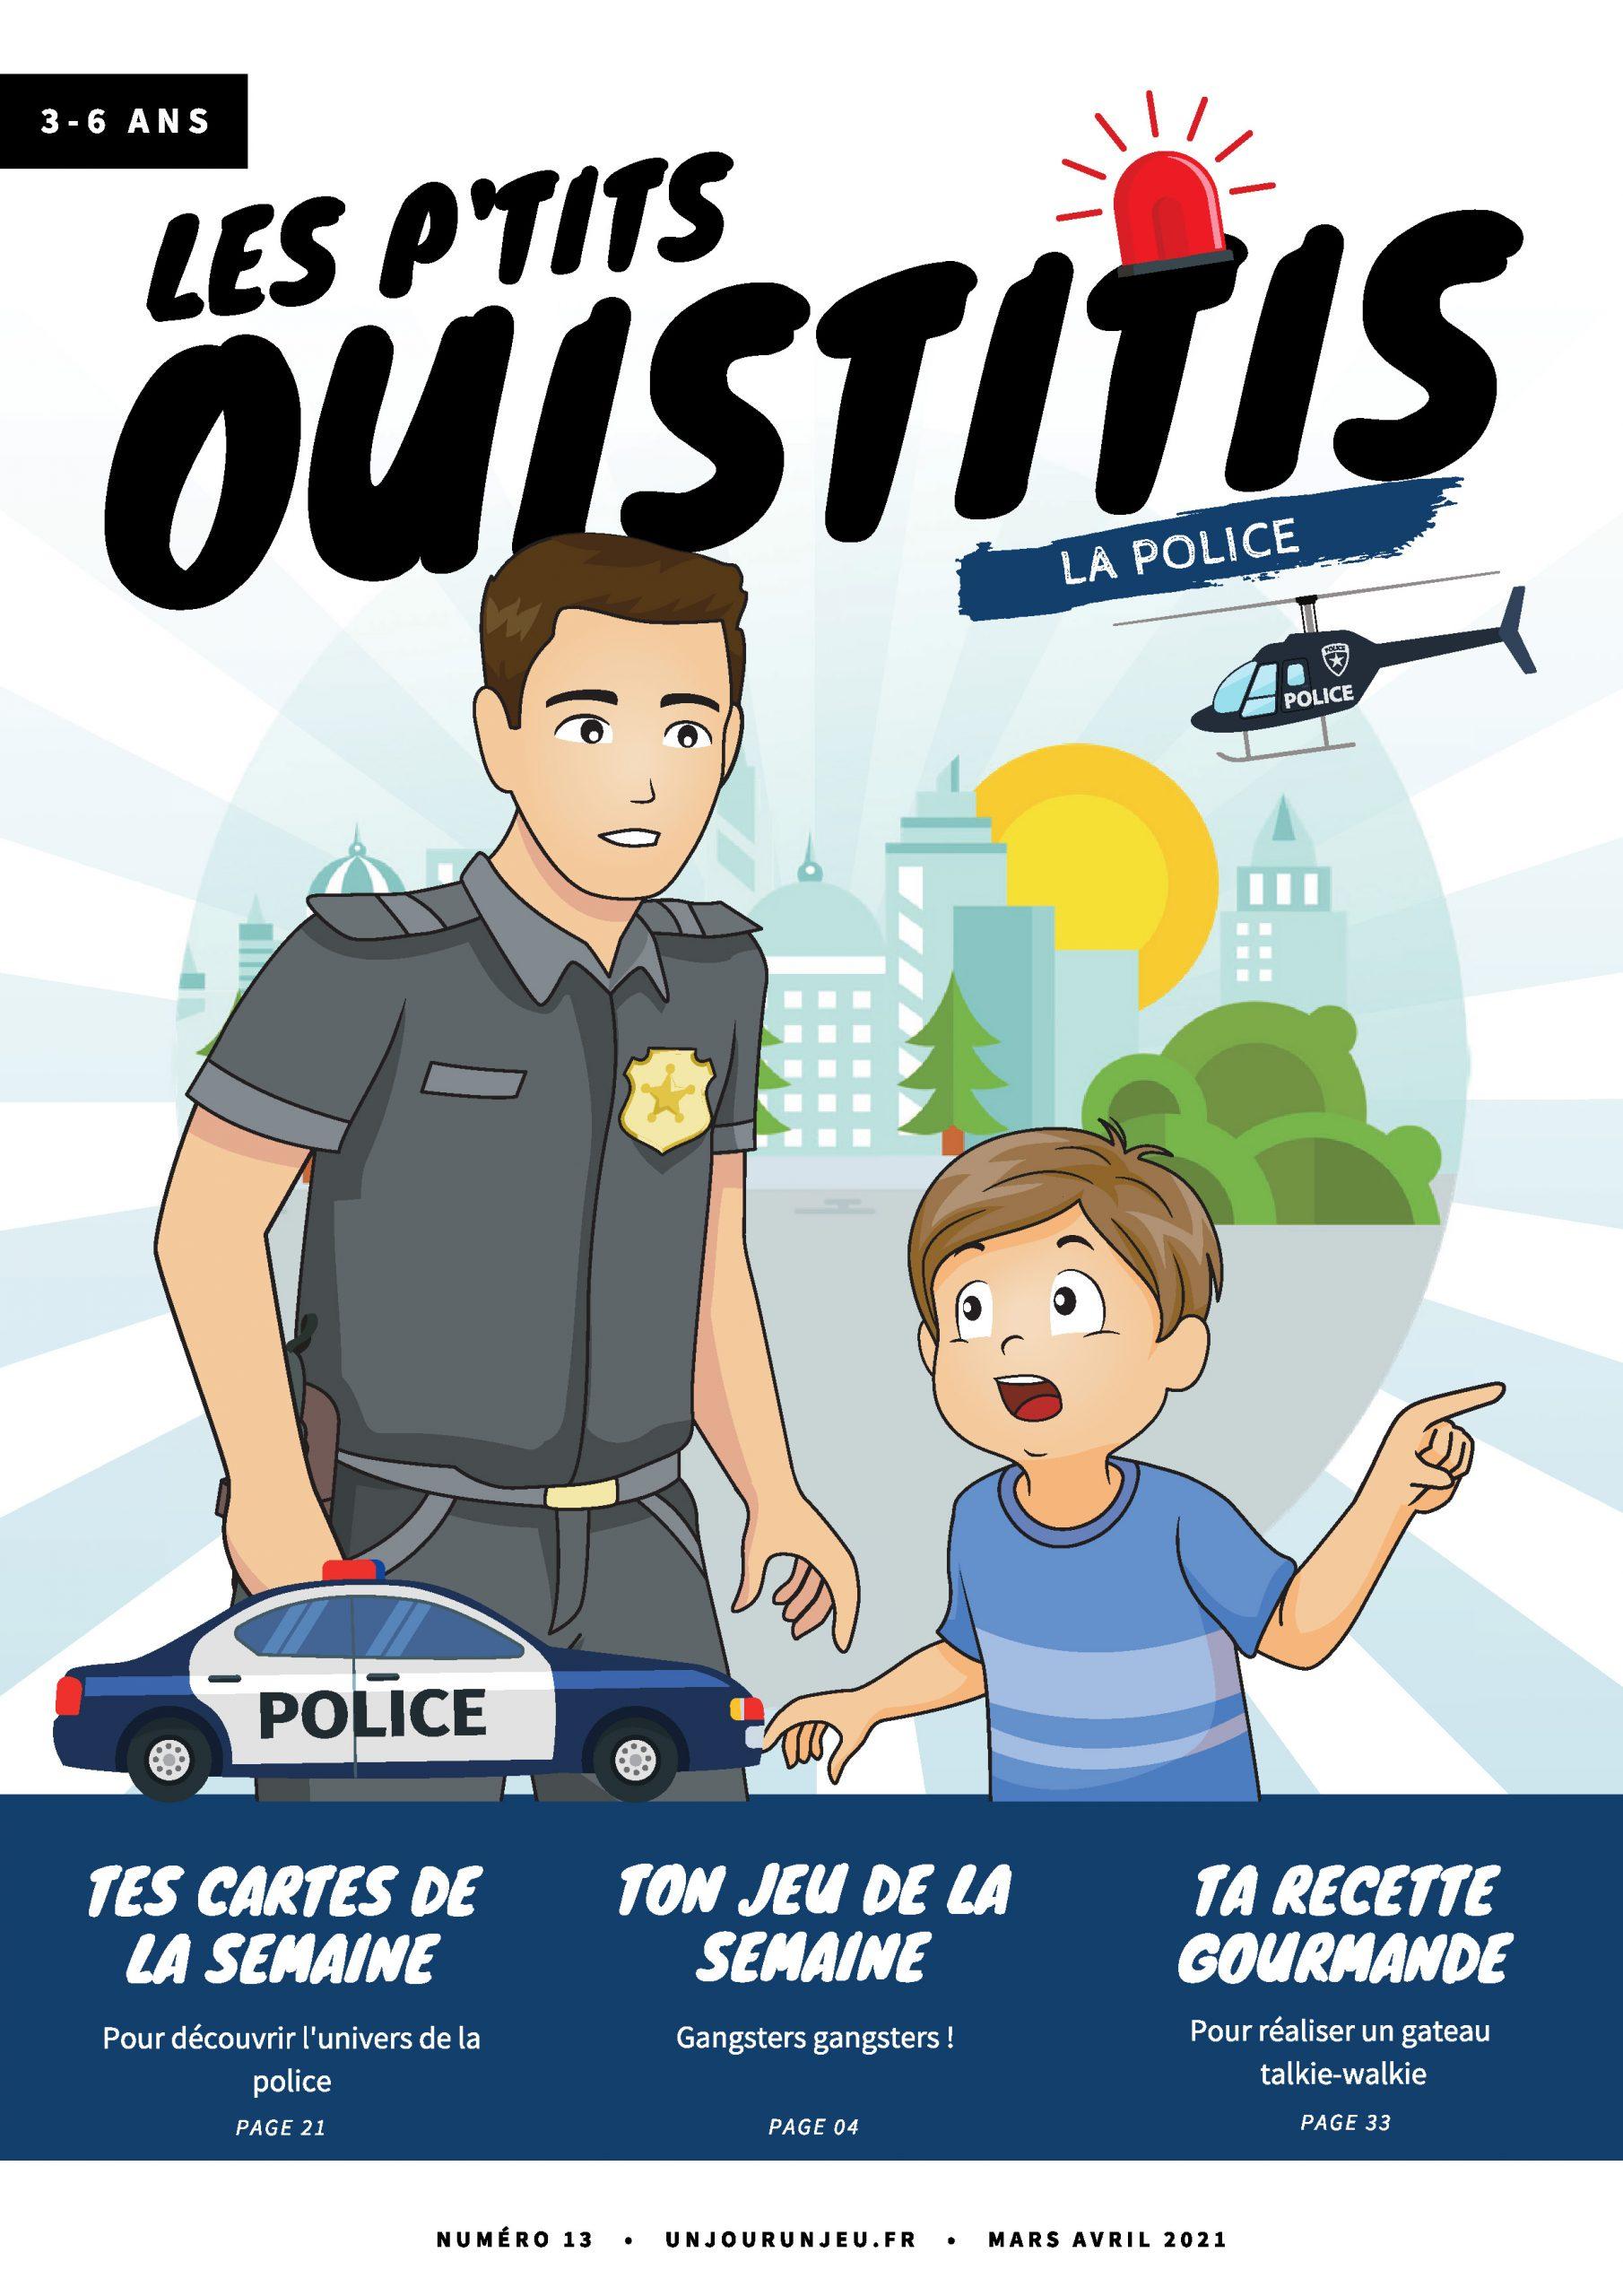 Les P'tits Ouistitis et la police